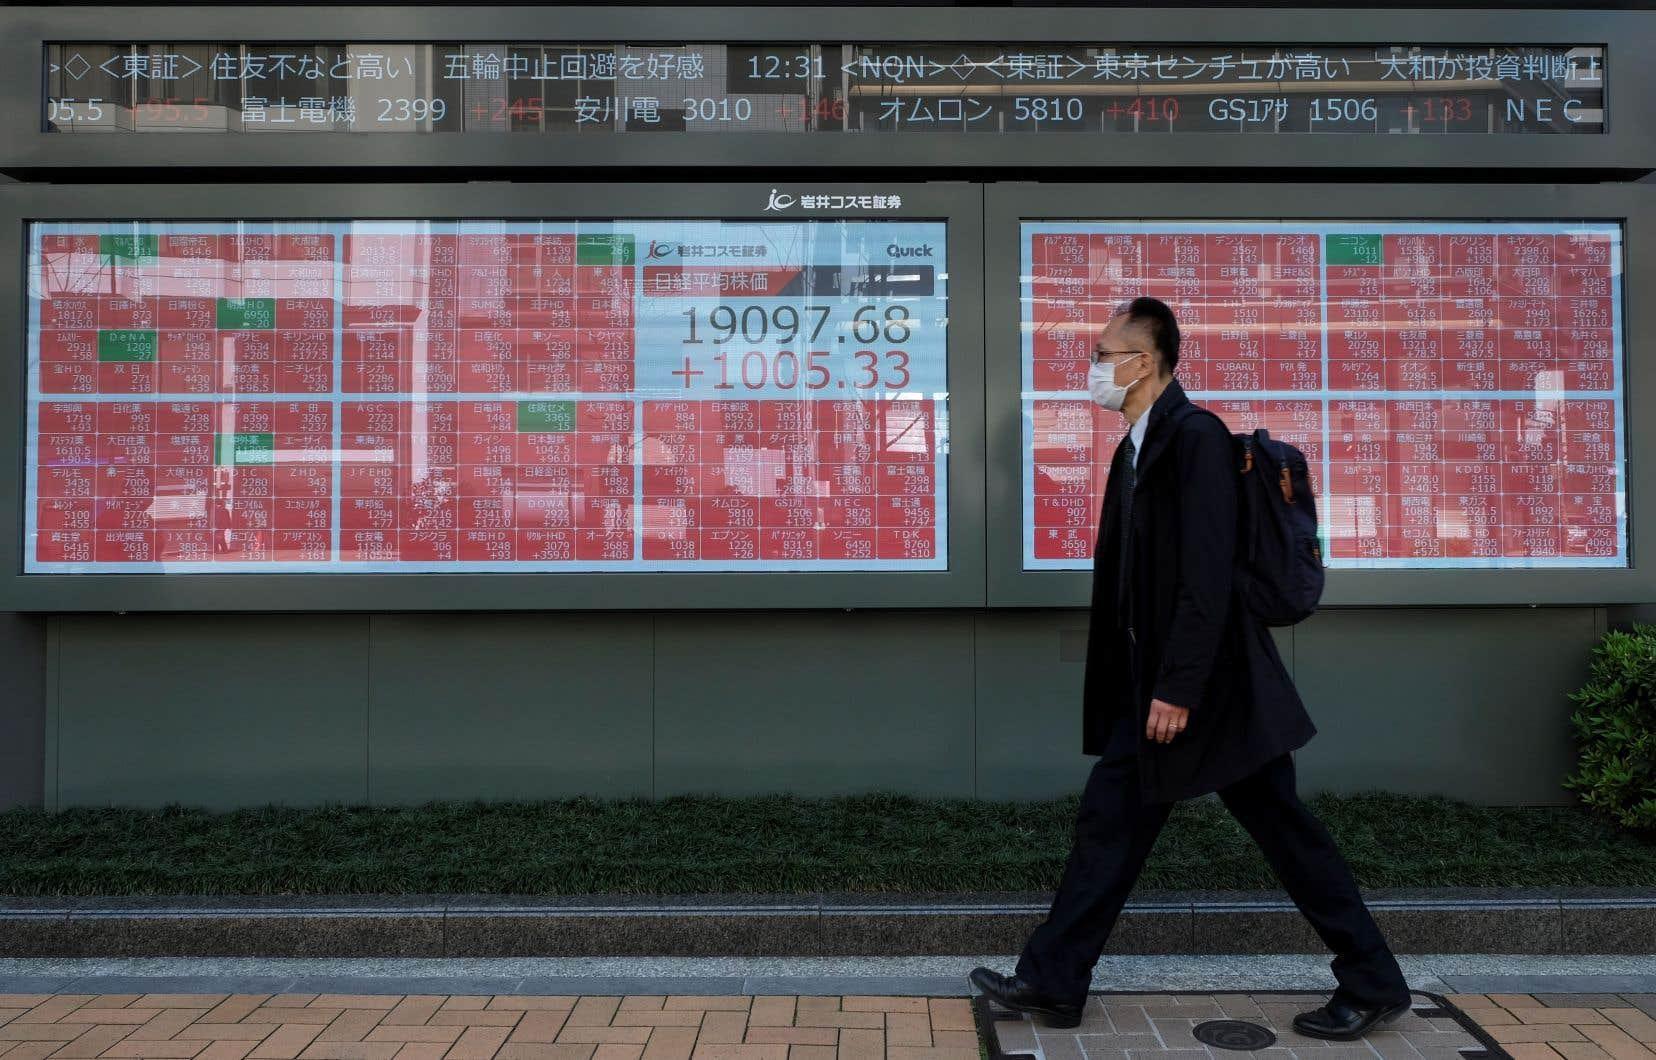 Un homme passant devant des tableaux qui affichent les fluctuations de la Bourse de Tokyo, dont la séance de mercredi s'est terminée sur la plus forte hausse depuis 2008 dans la foulée de l'accord de relance aux États-Unis.